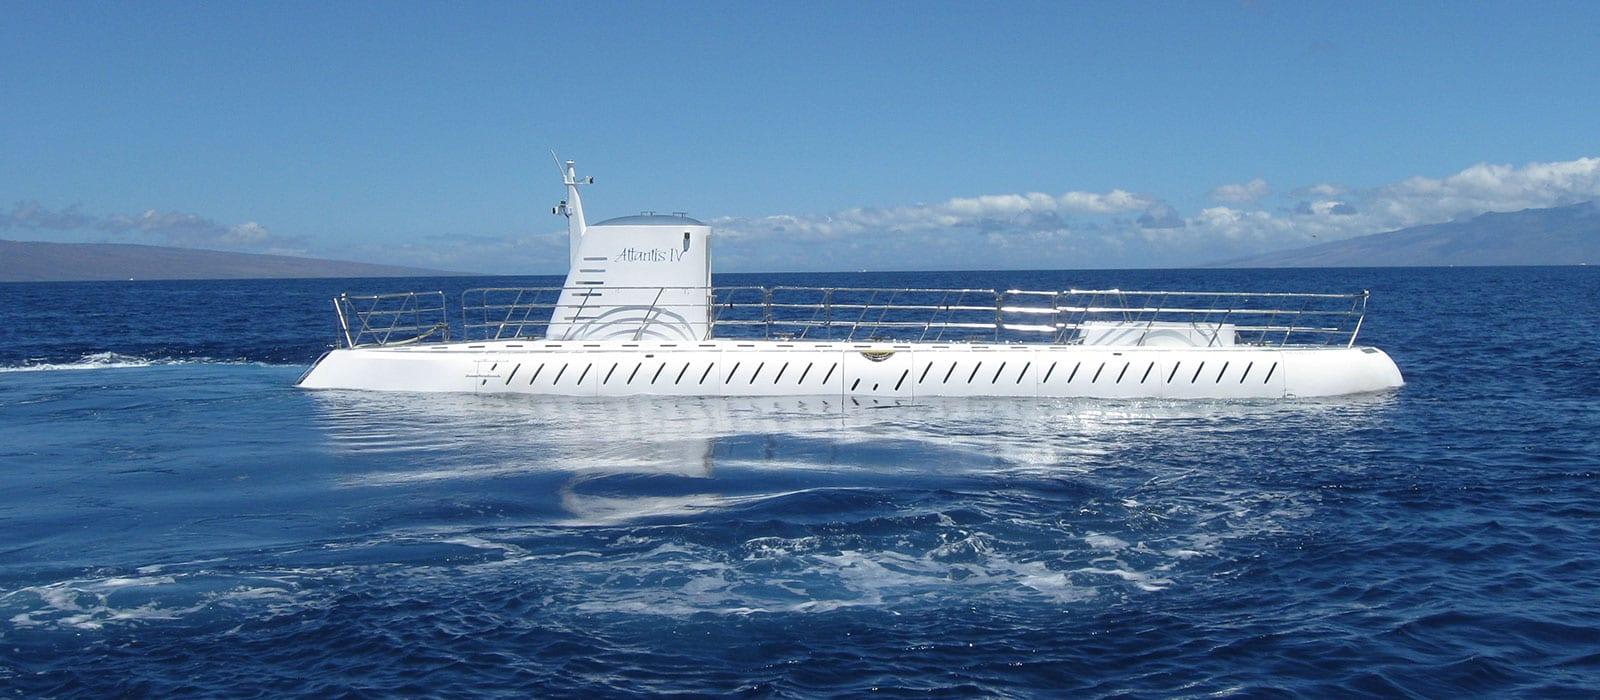 atlantis-submarine header image